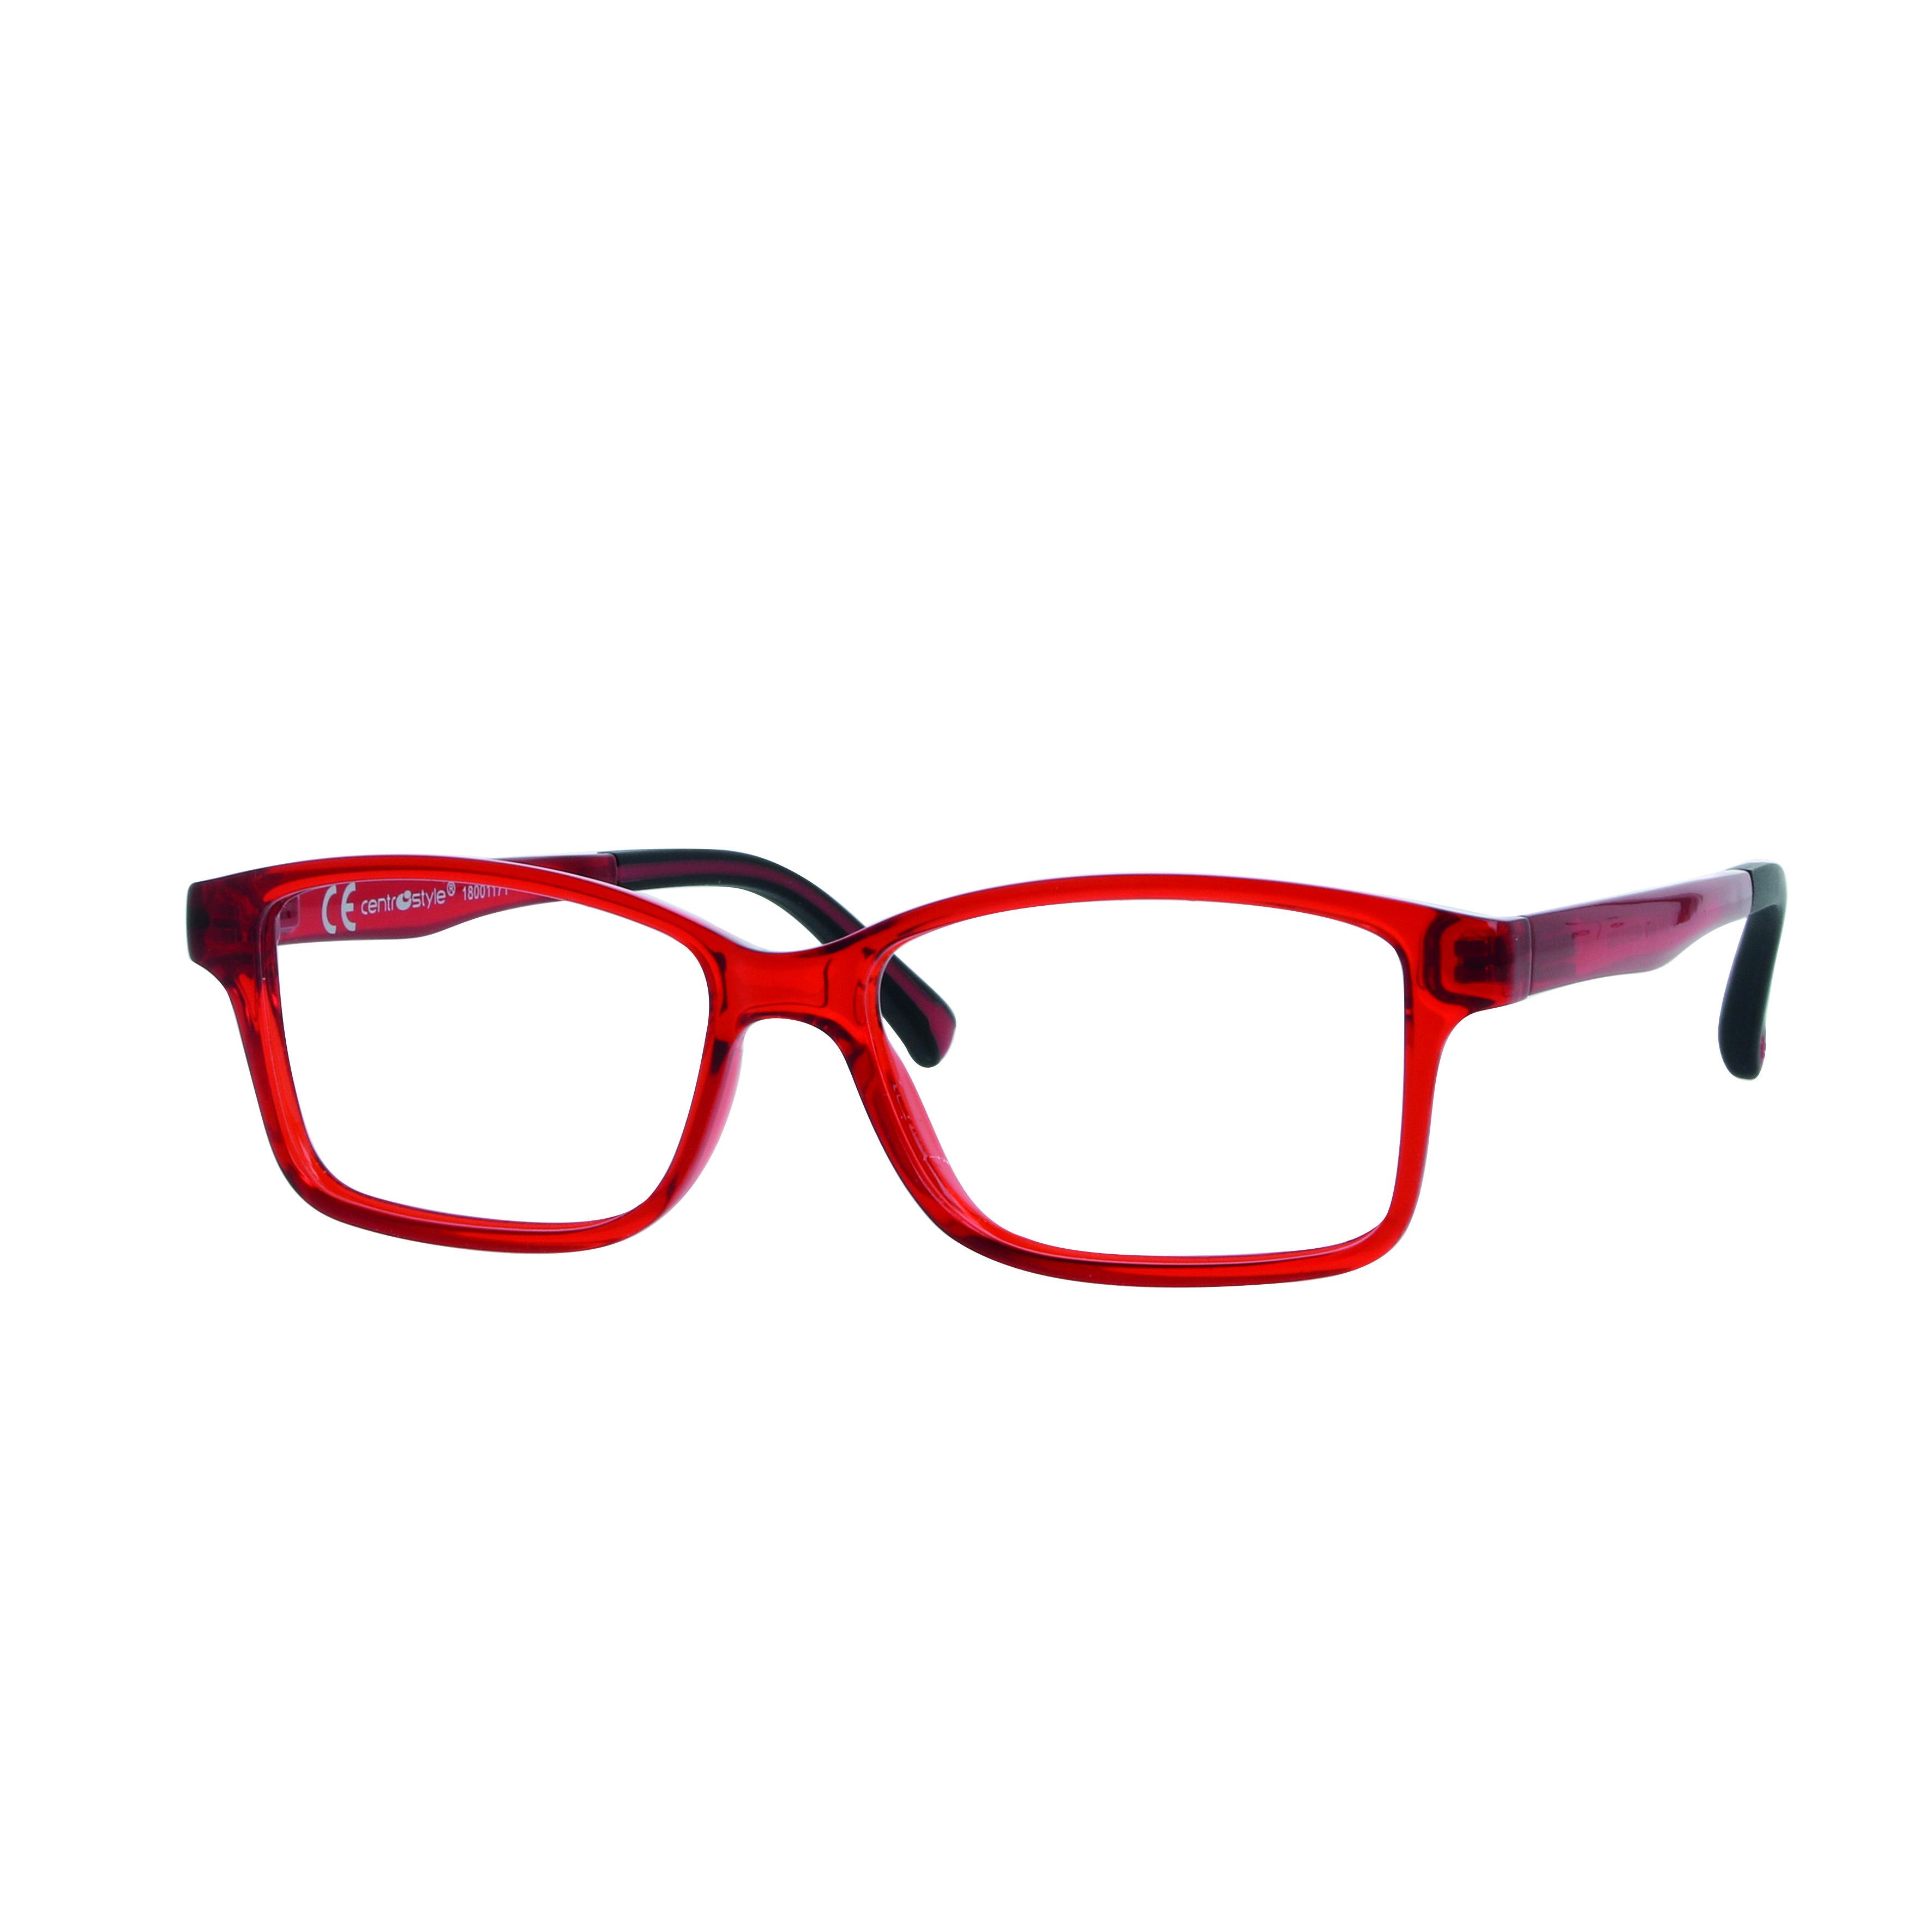 02F013046231000 - Armação Active Colours (5) 46x13 Vermelho Mod F013046231000 - Contém 1 Peça